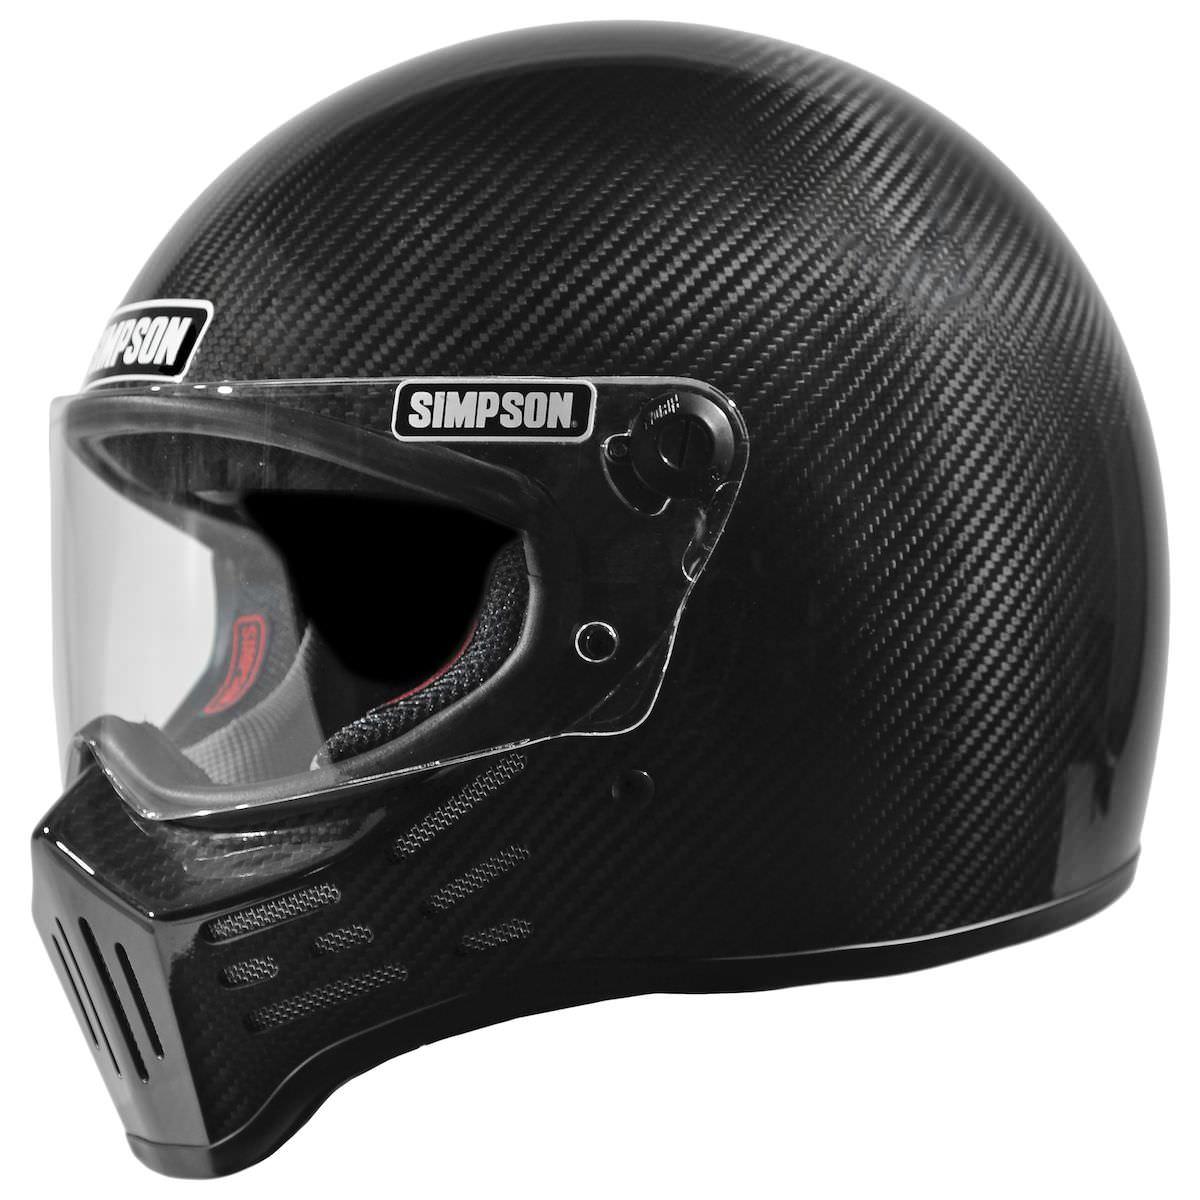 Simpson M30 Bandit Carbon Helmet 3 - Simpson M30 Bandit Carbon Helmet